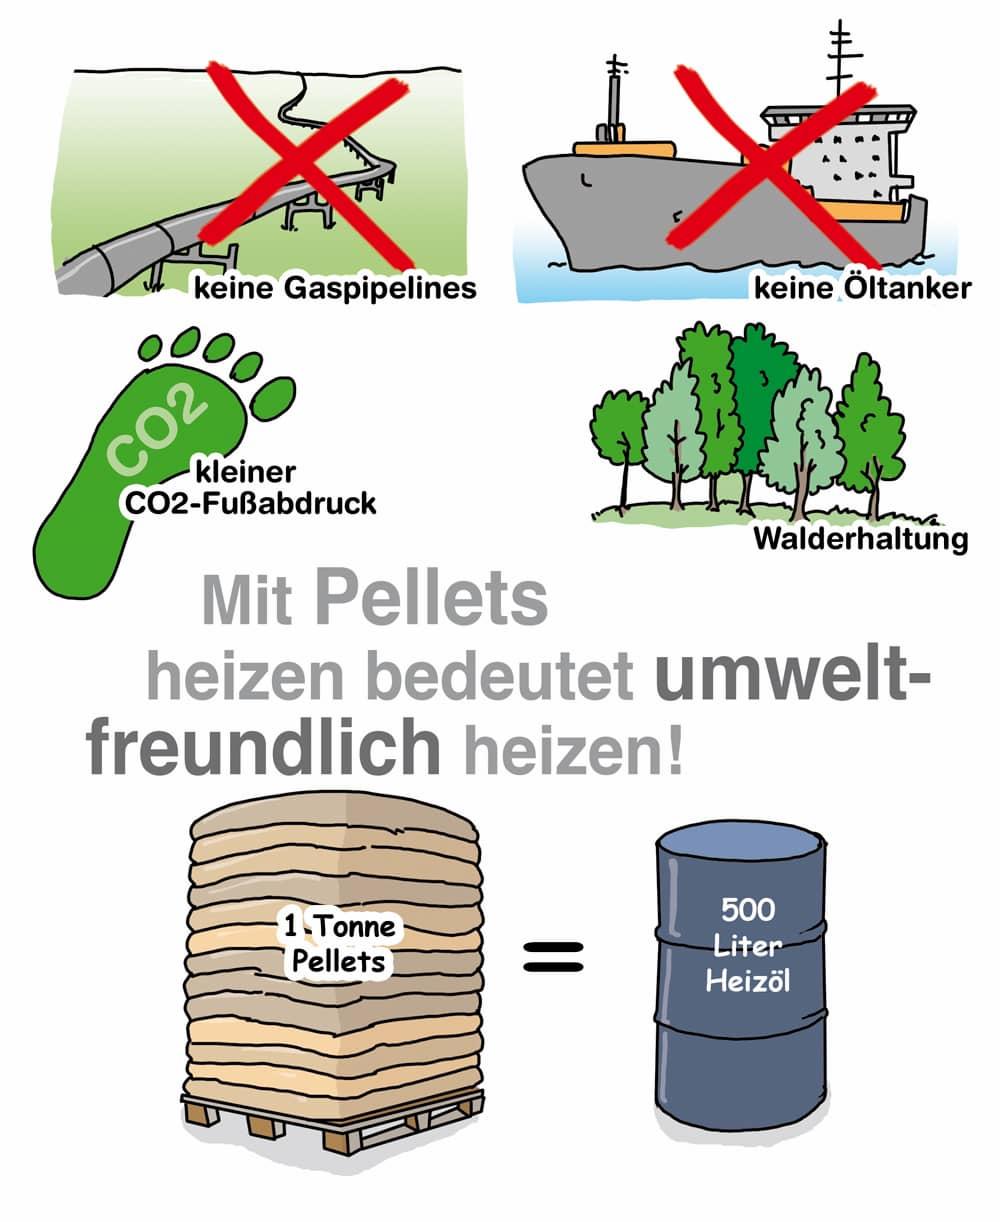 Mit Pellets heizen bedeutet umweltfreundlich heizen